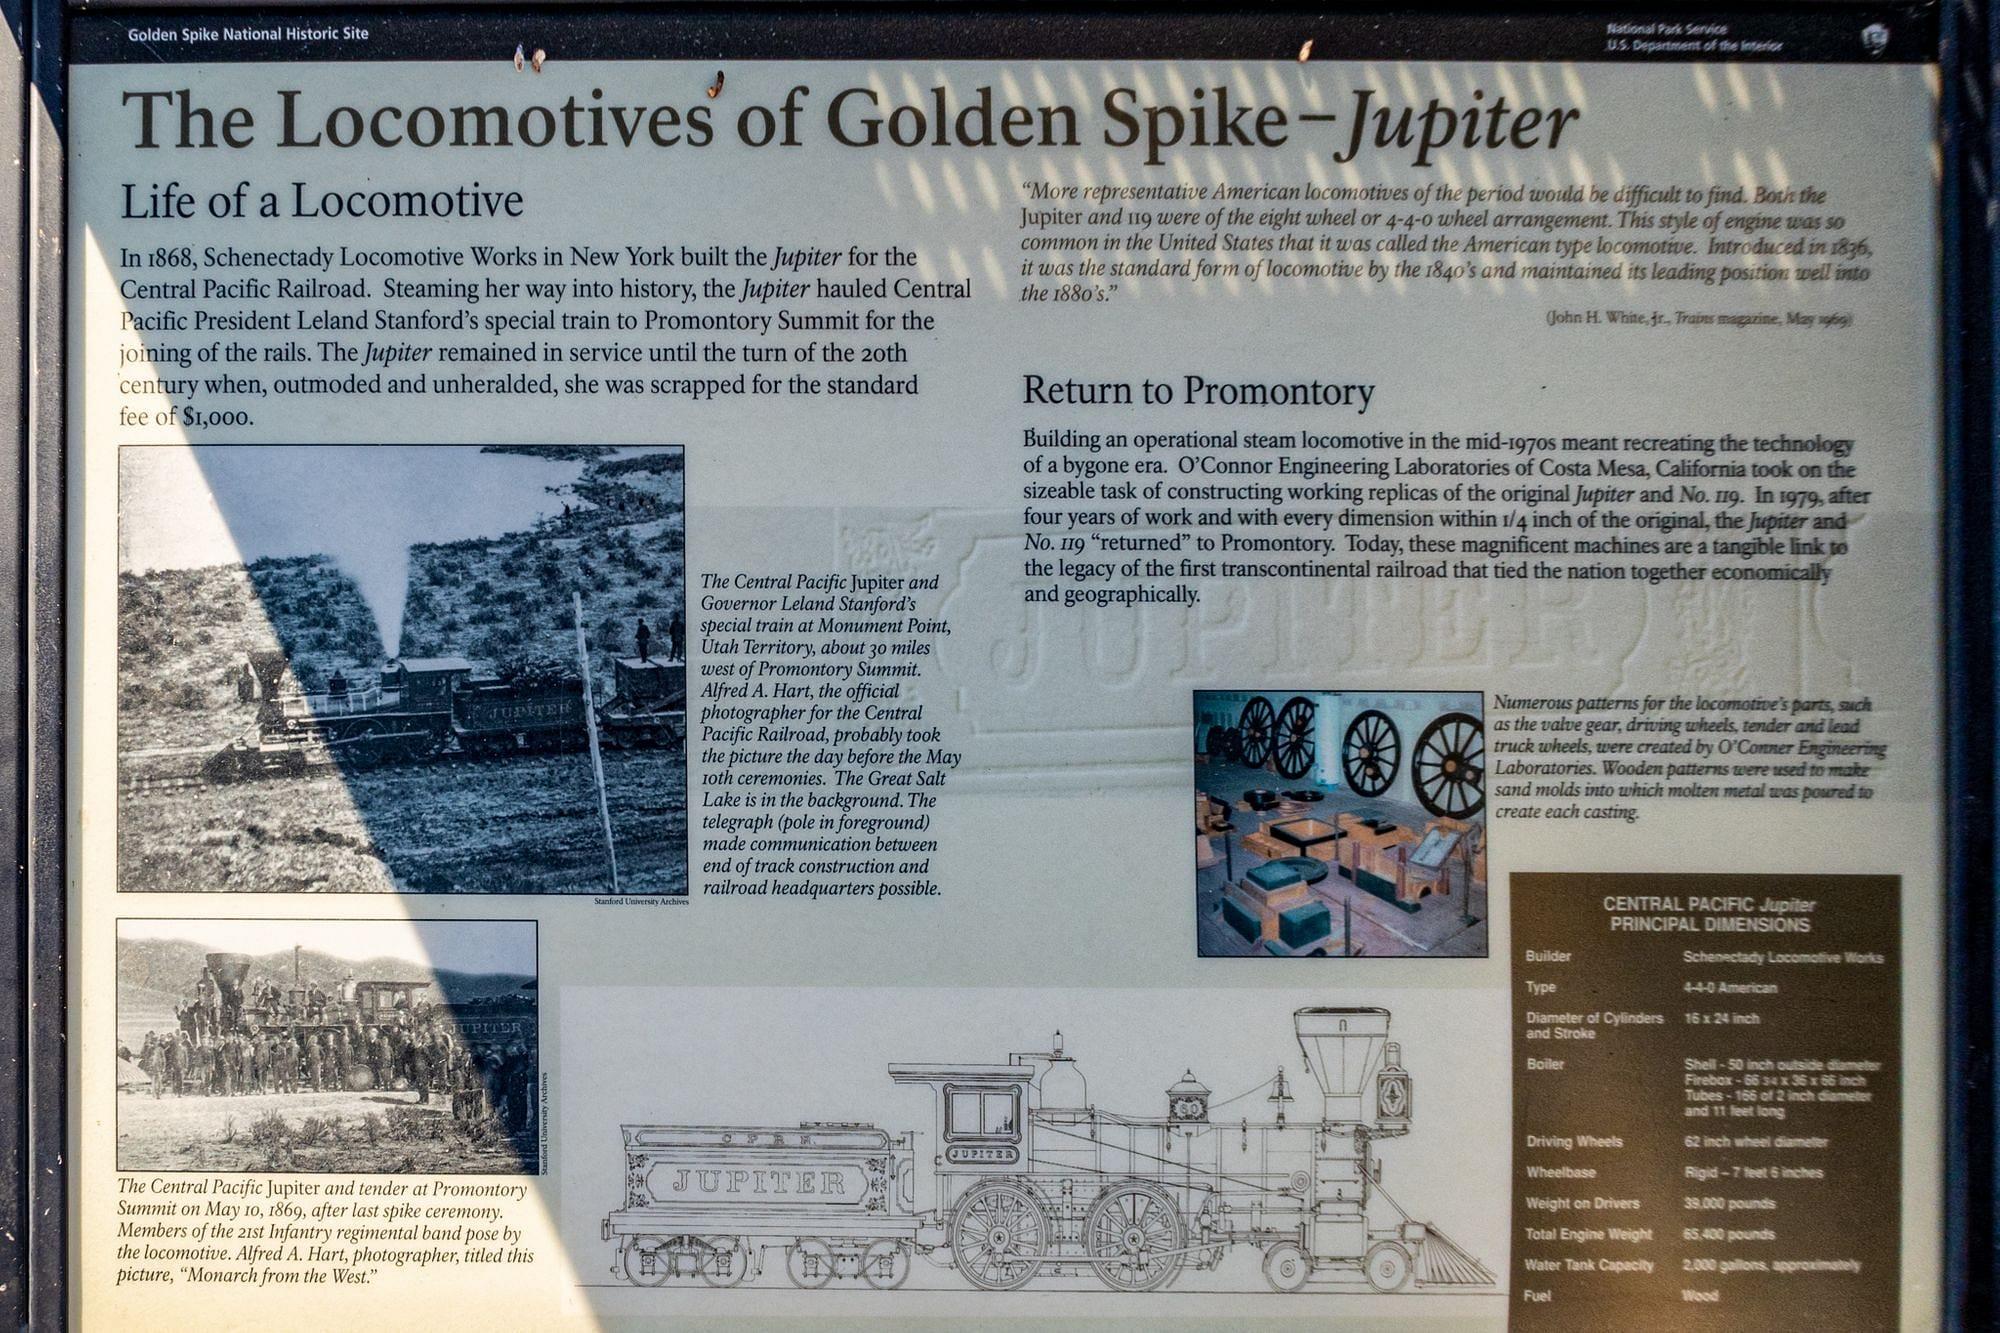 Locomotives of Golden Spike - Jupiter